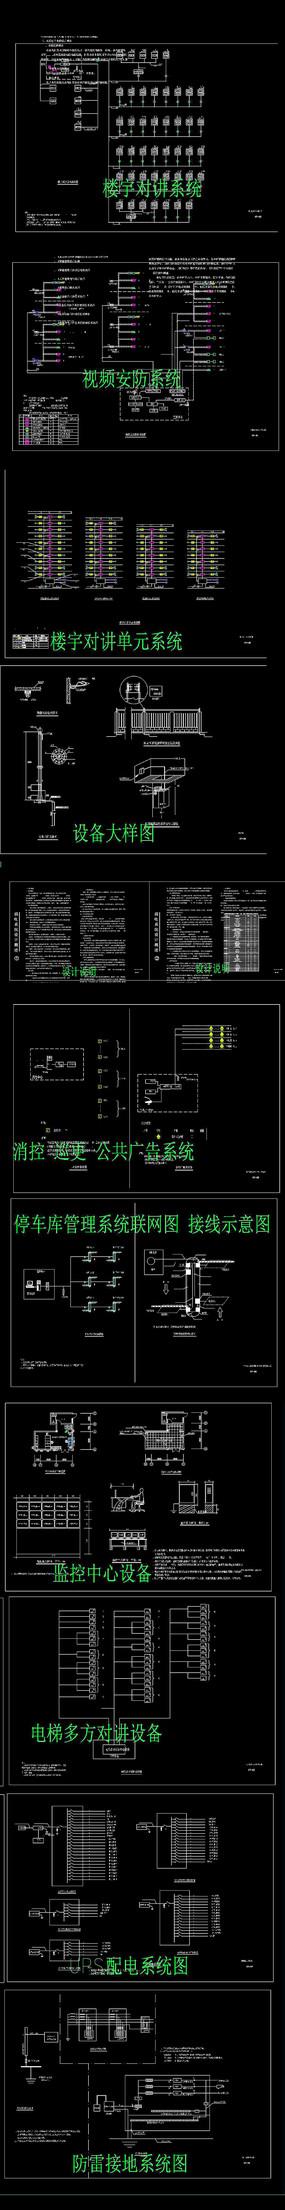 小区智能化系统图